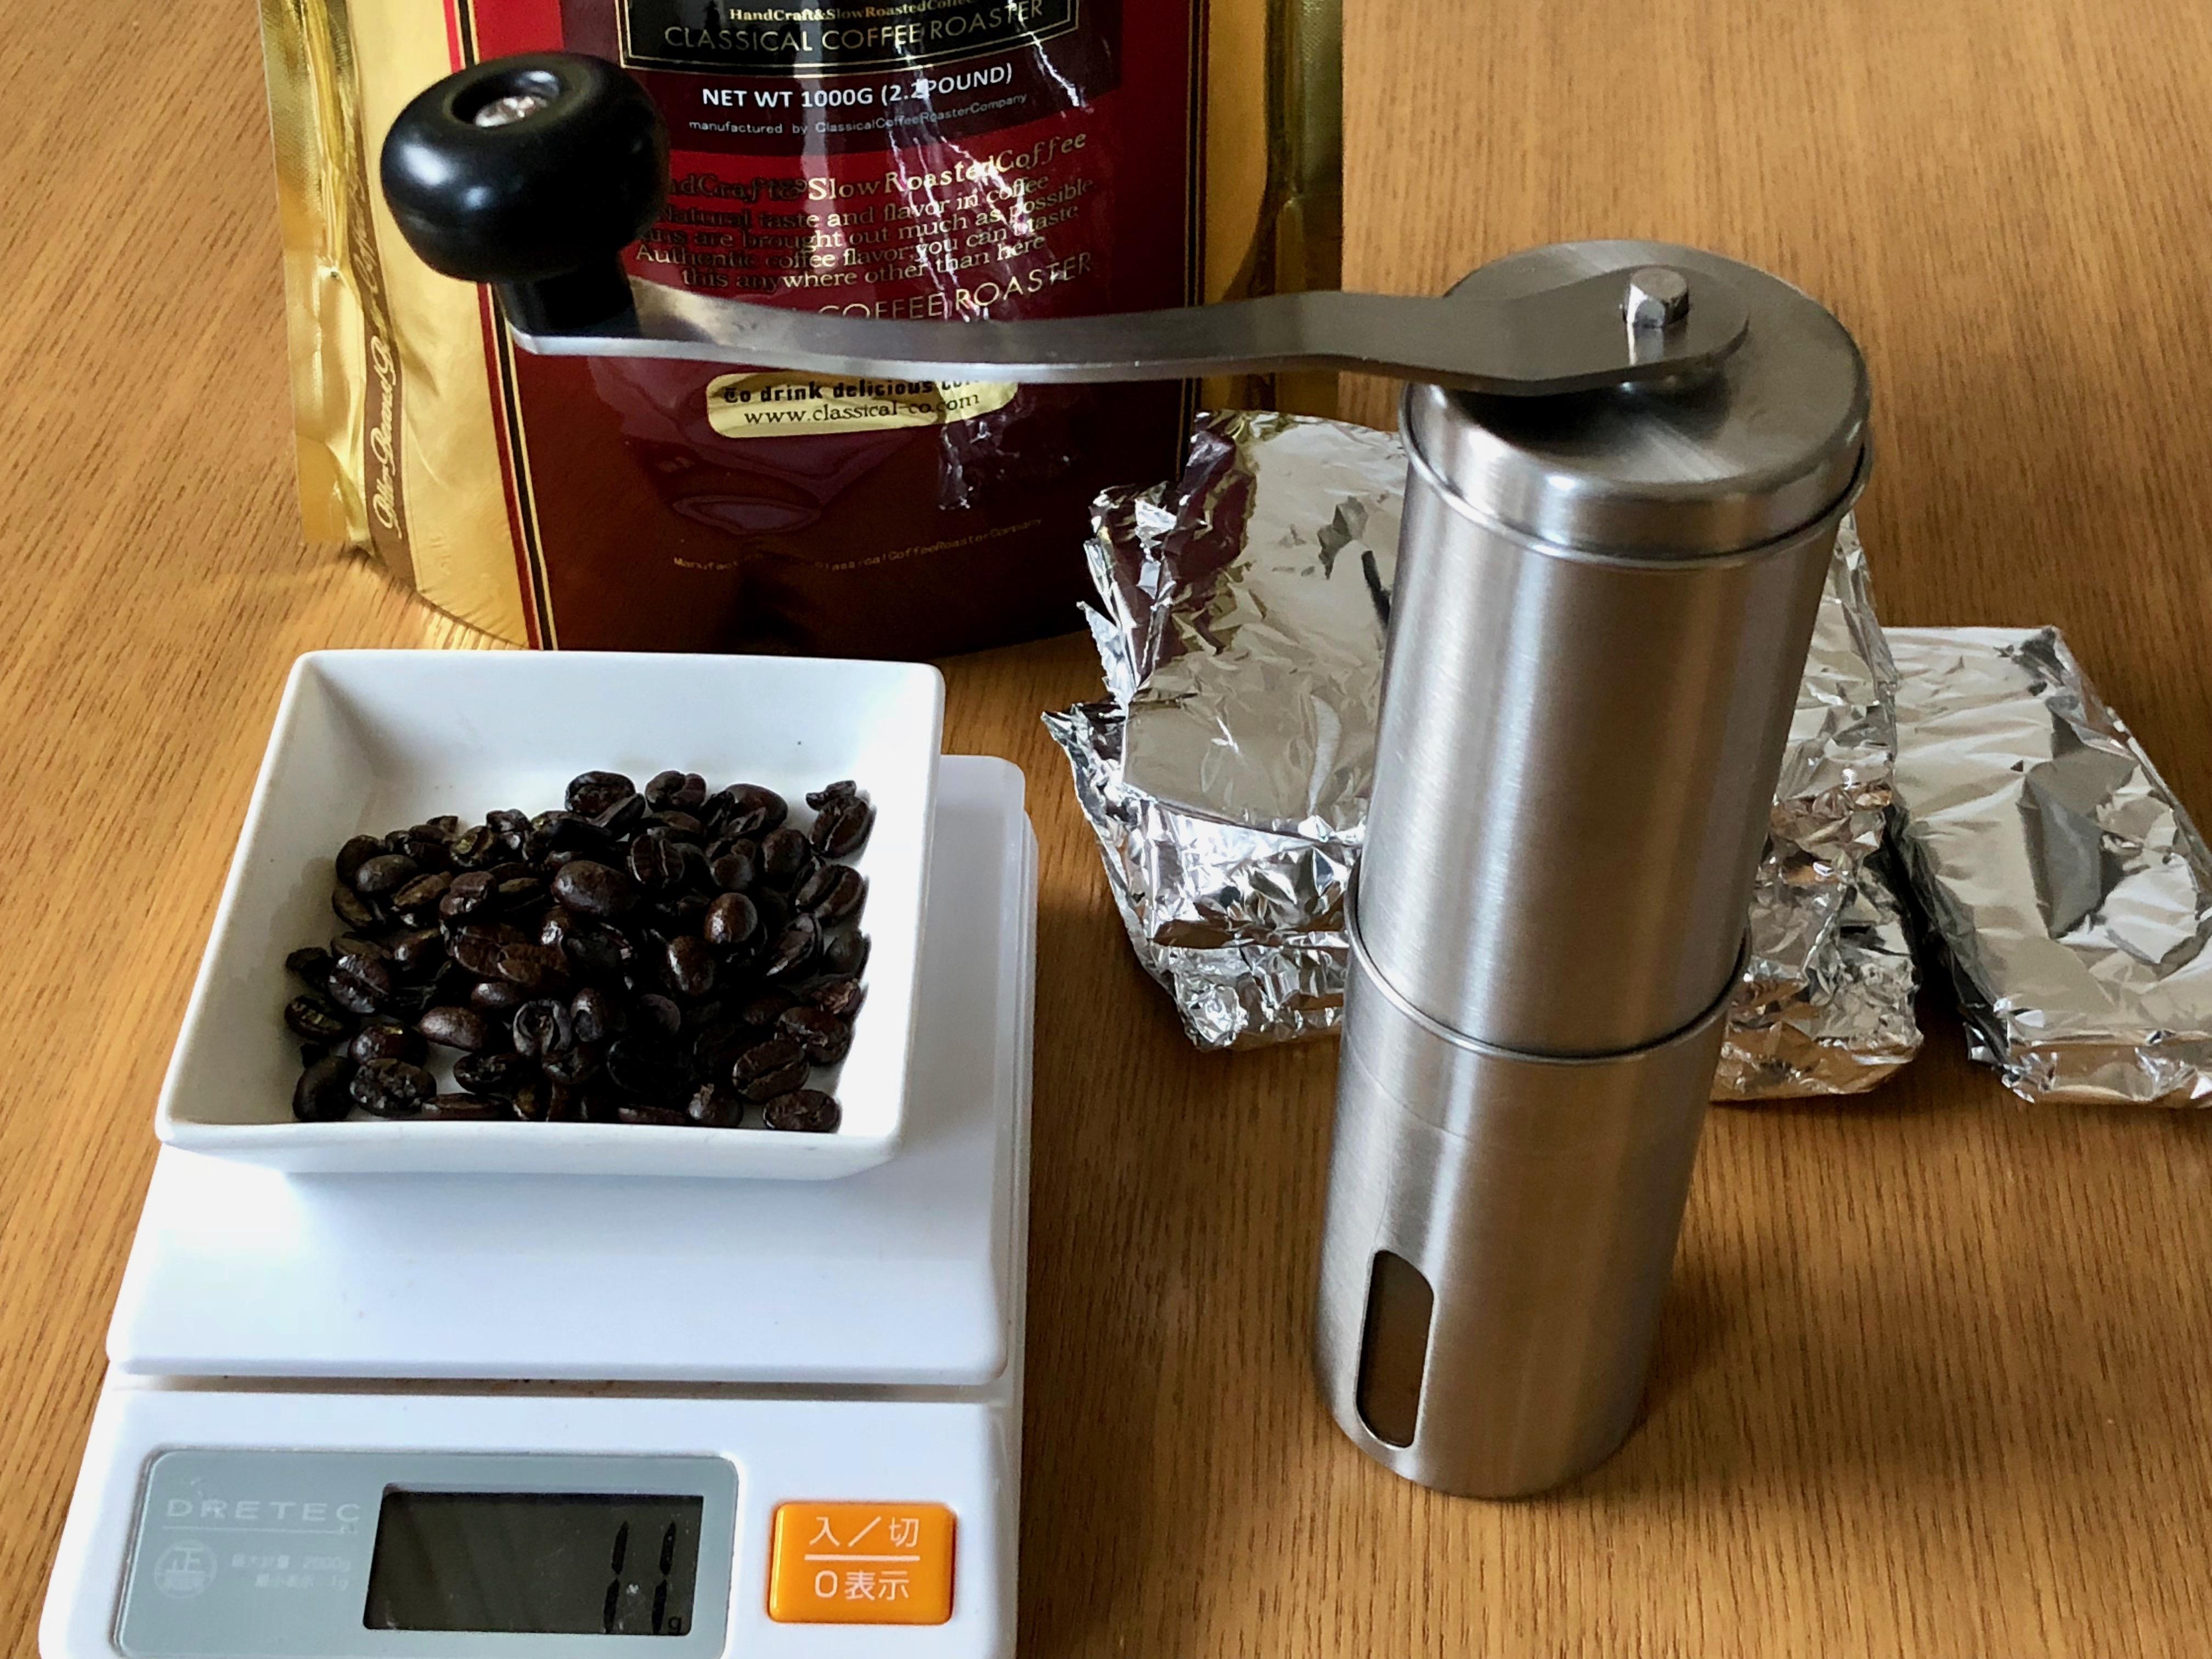 コーヒー豆を10〜12gに小分けしているところ